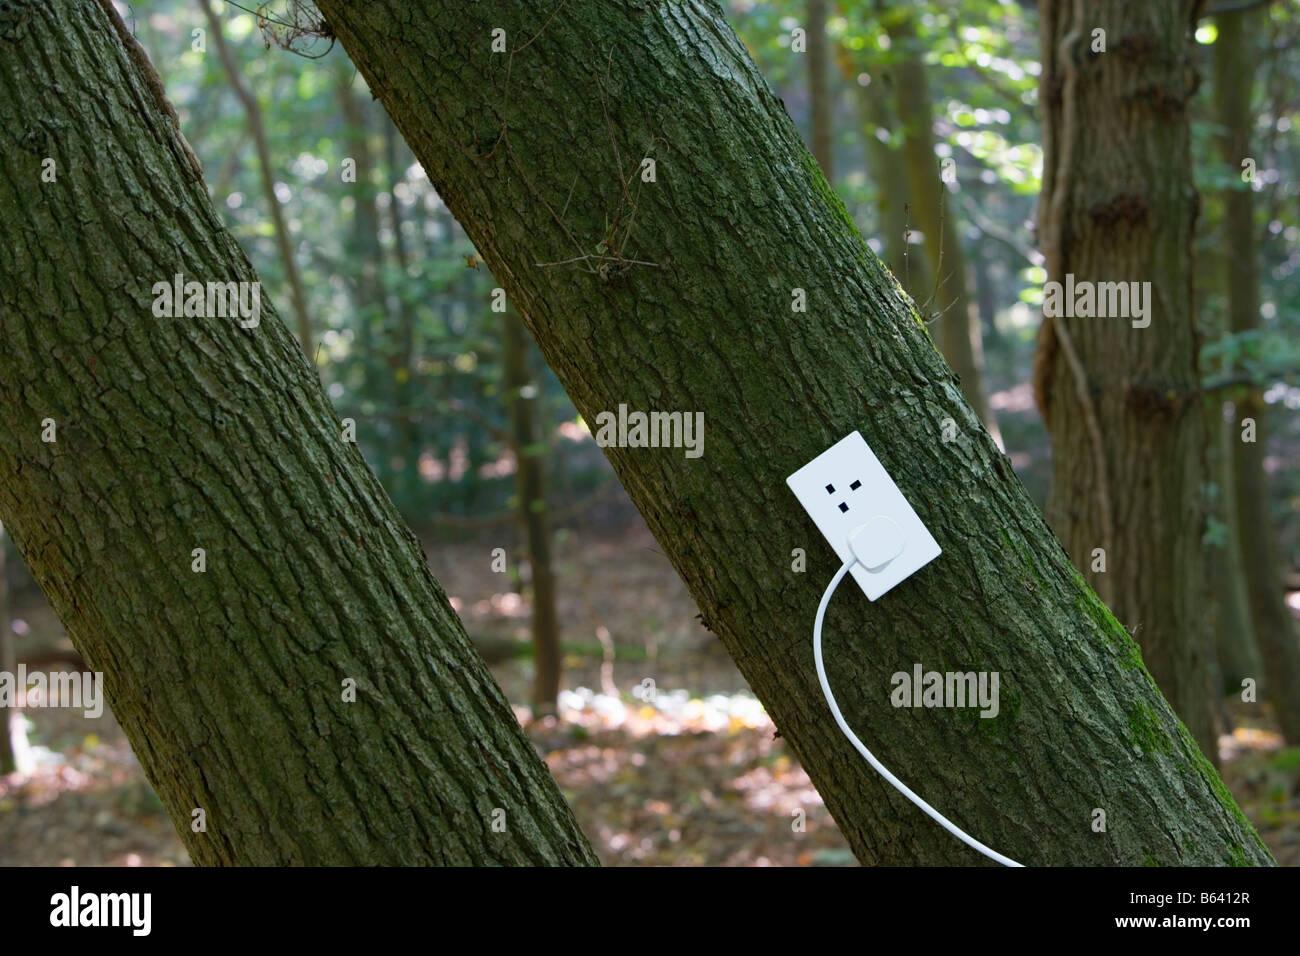 Prise électrique sur tree in forest Photo Stock